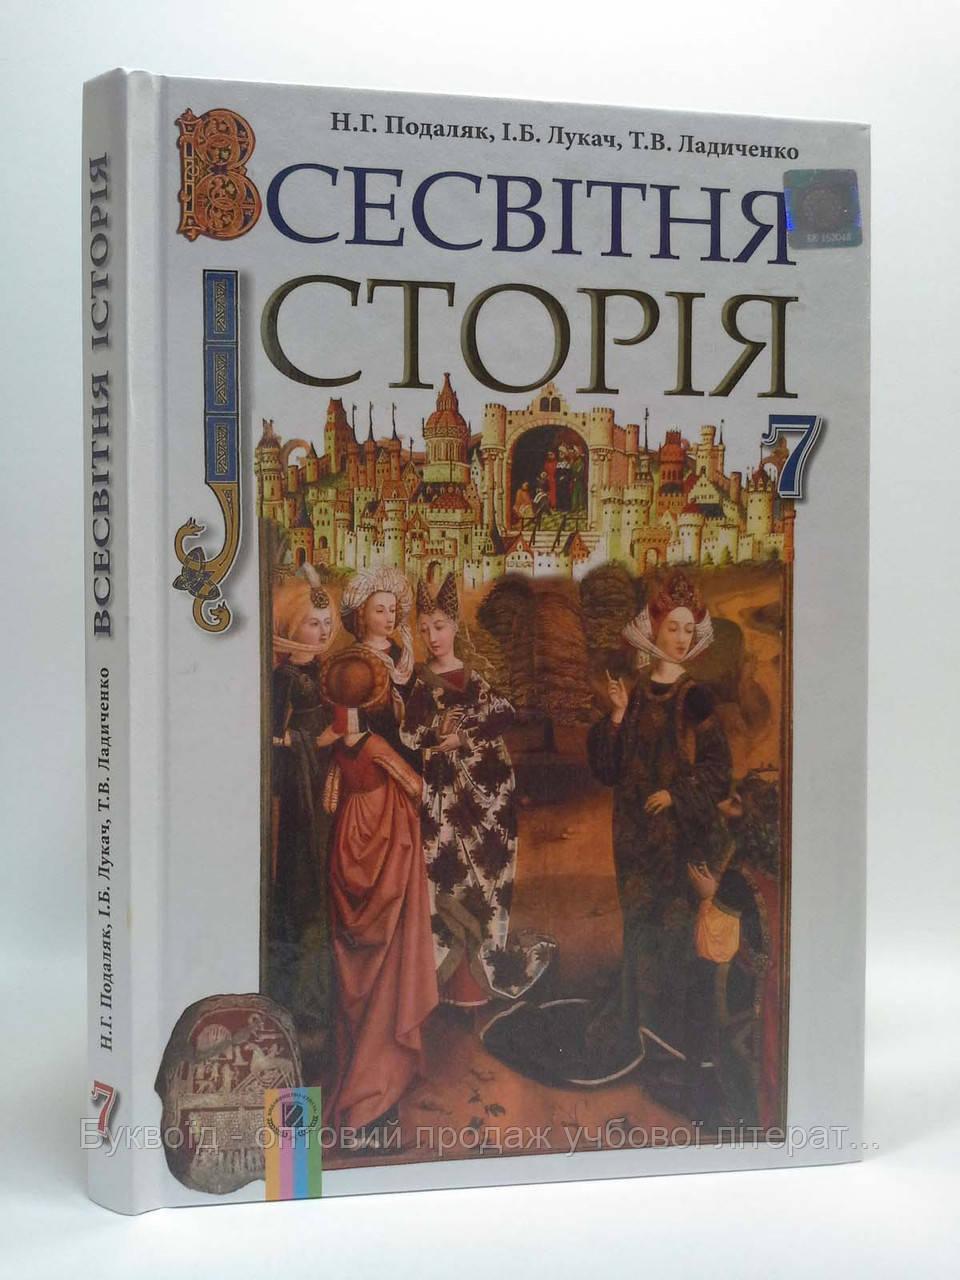 Всесвітня історія 7 клас Підручник Подаляк Генеза ISBN 978-966-11-0617-7